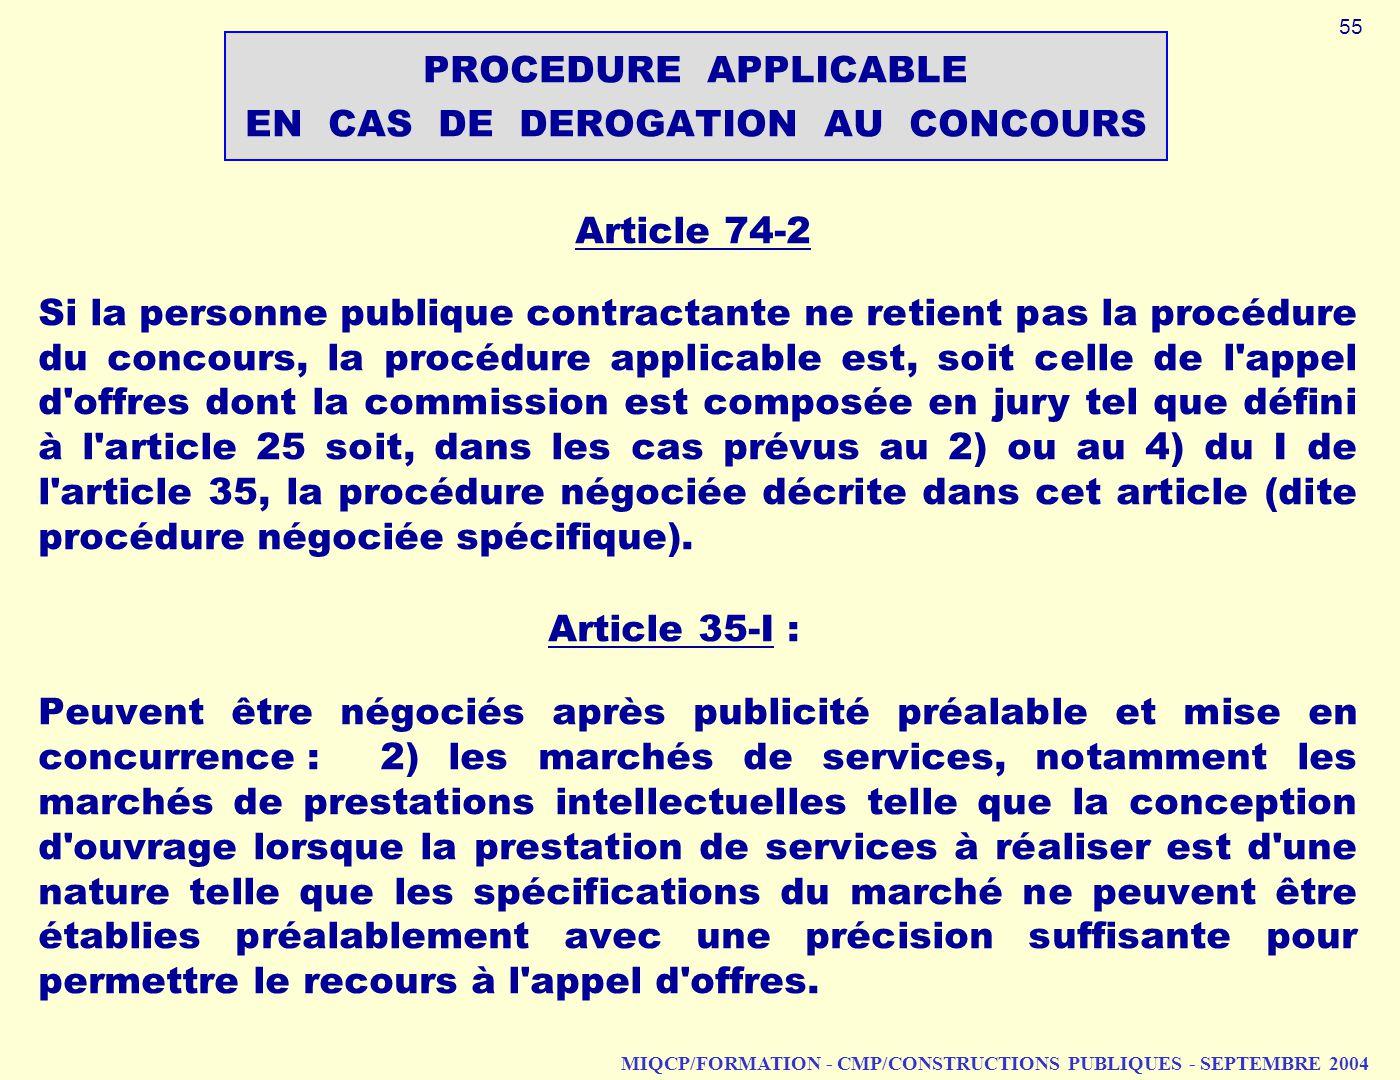 PROCEDURE APPLICABLE EN CAS DE DEROGATION AU CONCOURS